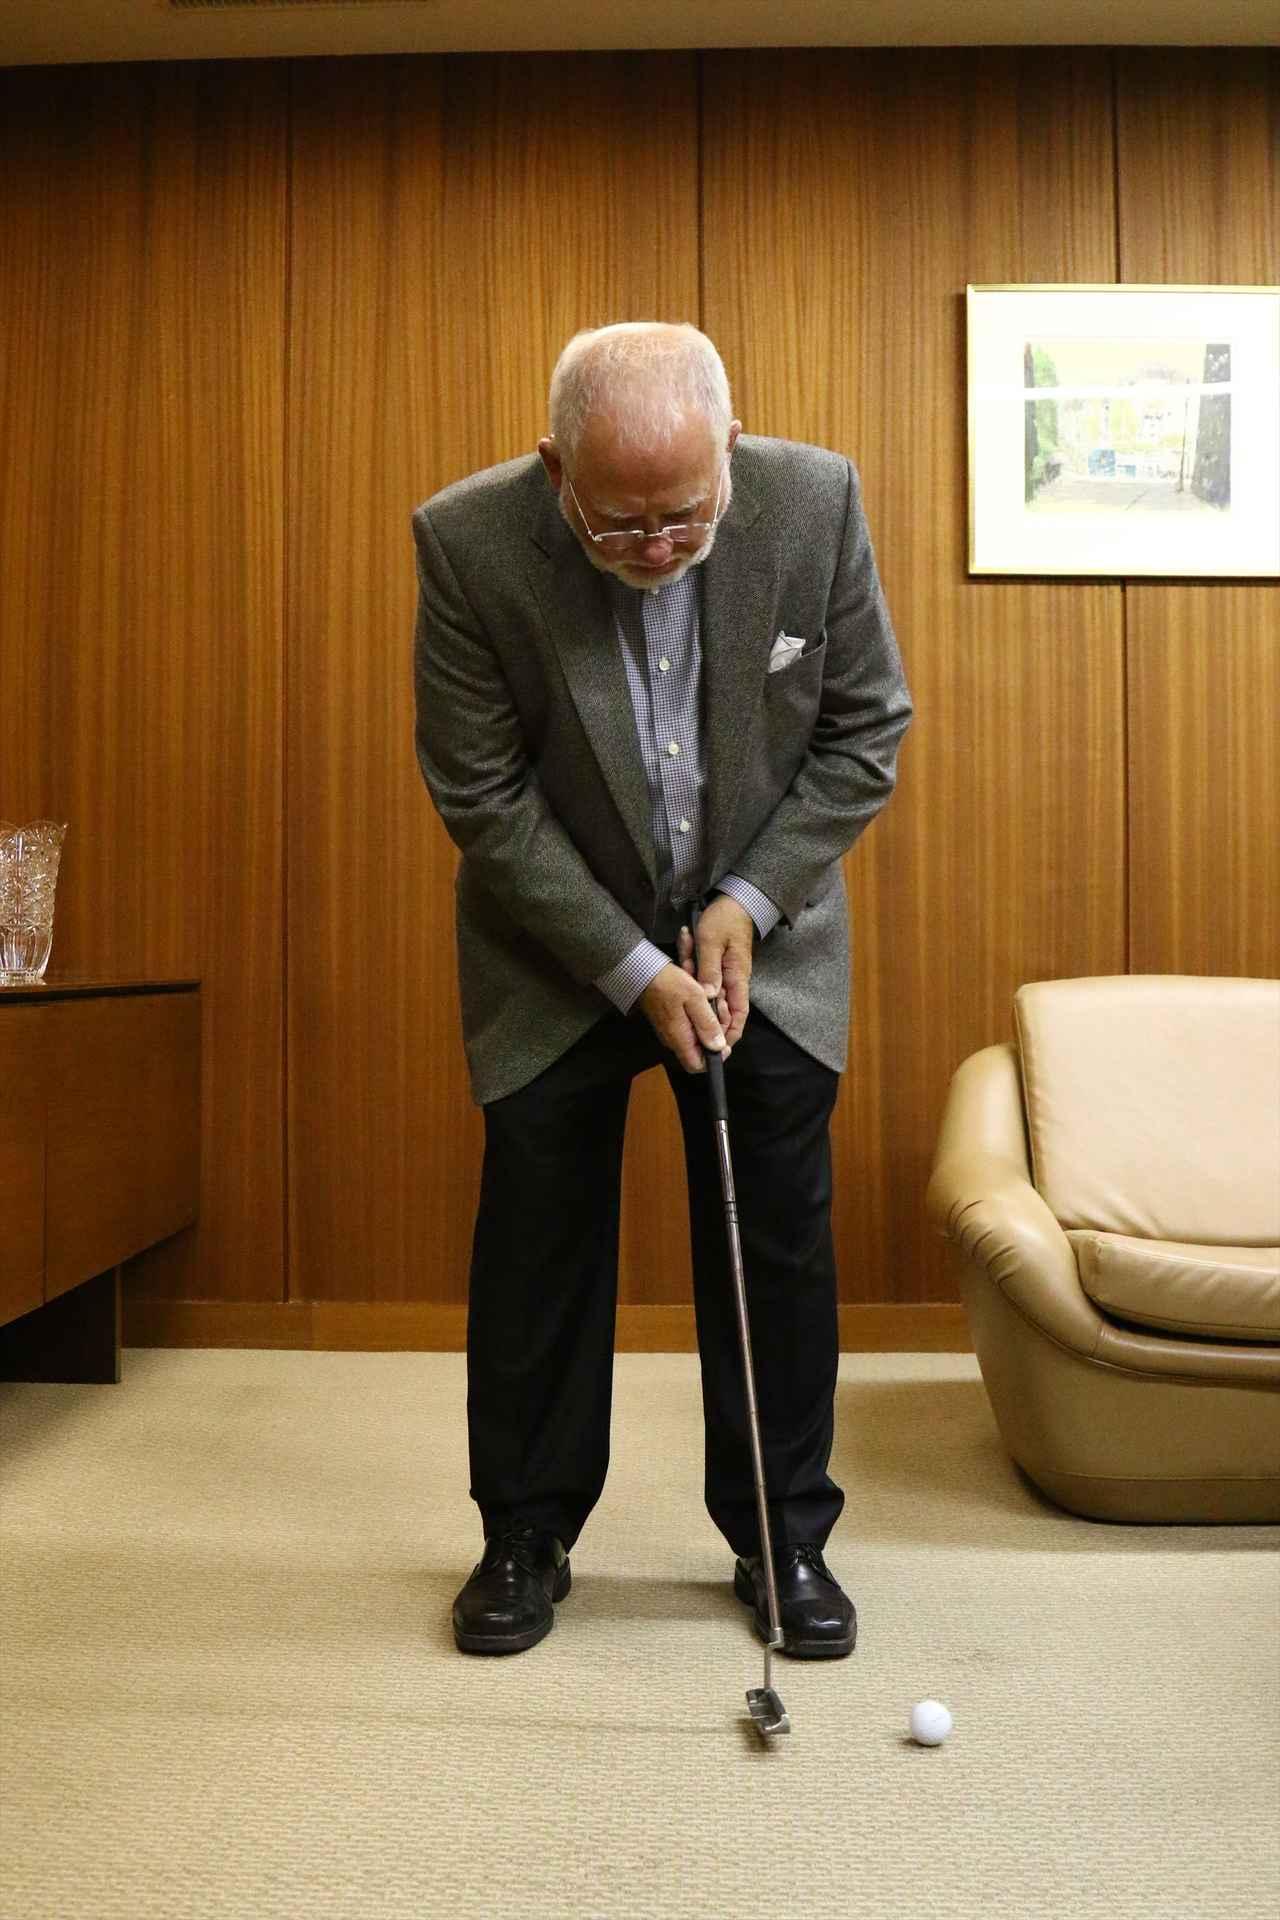 画像6: ピンの会長に直撃取材!「アンサーって、どうやって打つの?」